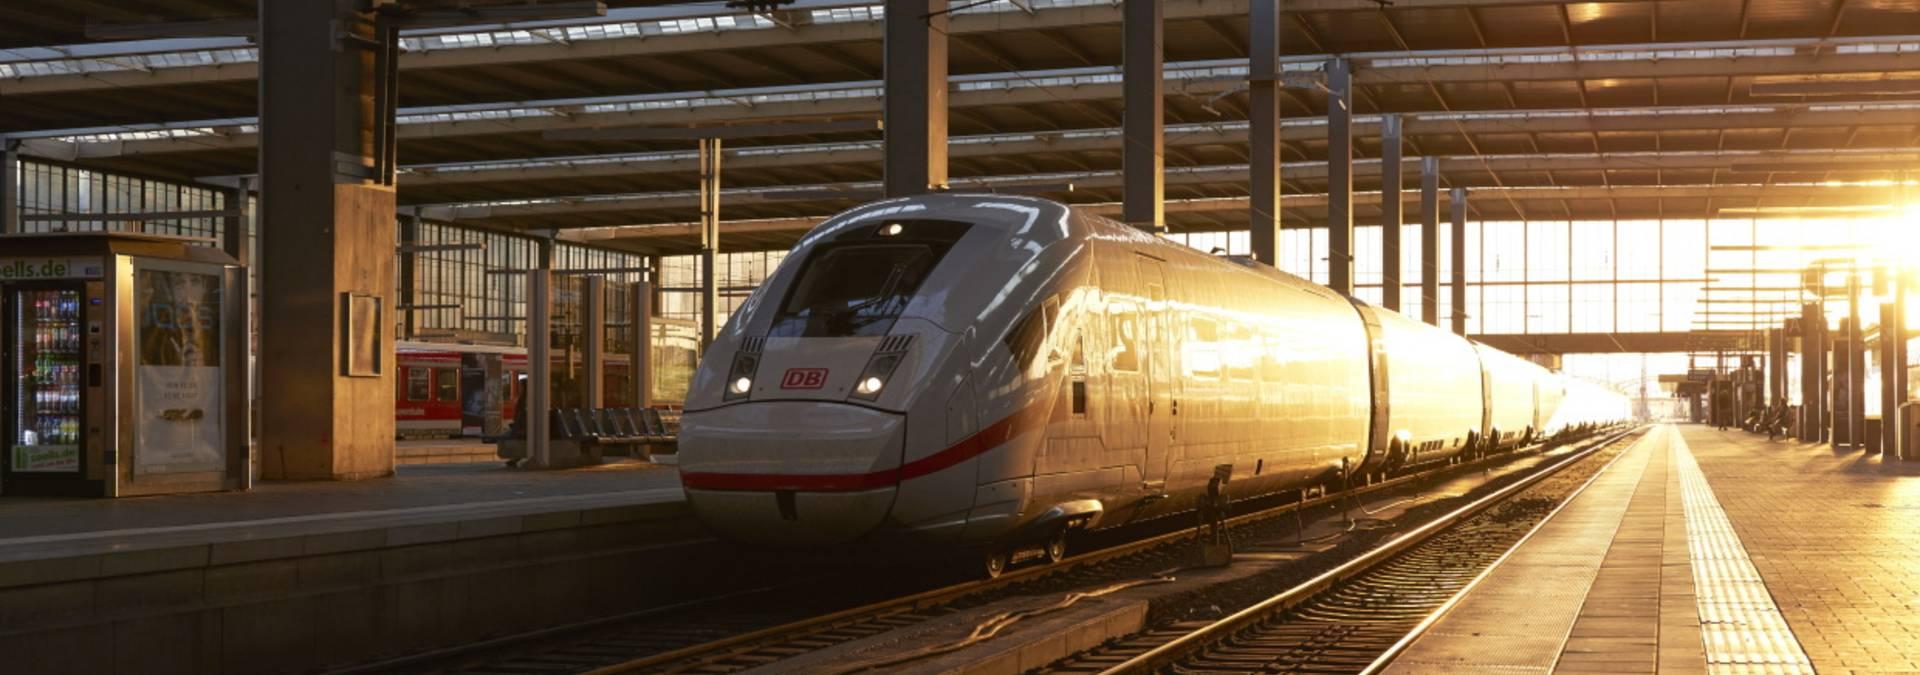 Deutsche Bahn Zug im Bahnhof